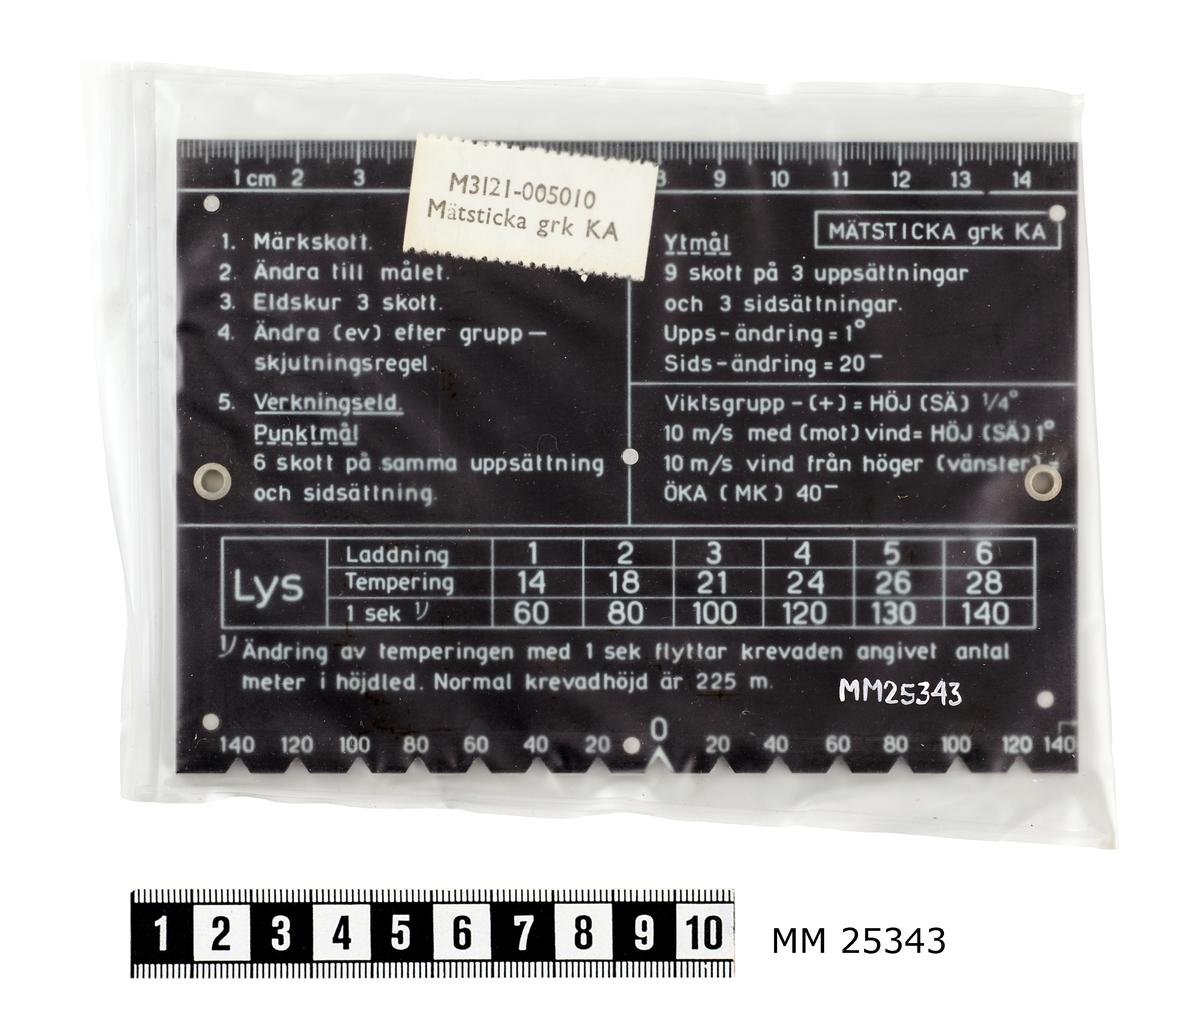 """Grön plastbricka med rektangulär form. Stansade hål med förstärkta kanter i varje kortsida. Ena långsidan rak med linjal i centimeter, motsatt sida har hack för mätningar med jämna mellanrum. Tryckt på de flata ytorna är olika minnesregler och dylikt som används vid eldledning av granatkastare. Där finns också en streckskala för mätningar i nämnda hack.  Mätstickan är förpackad i en plastpåse som har förslutits genom att två av sidorna har smälts samman. I plastpåsen ligger också en vit lapp med texten: """"M3121-005010 Mätsticka gkr KA""""."""